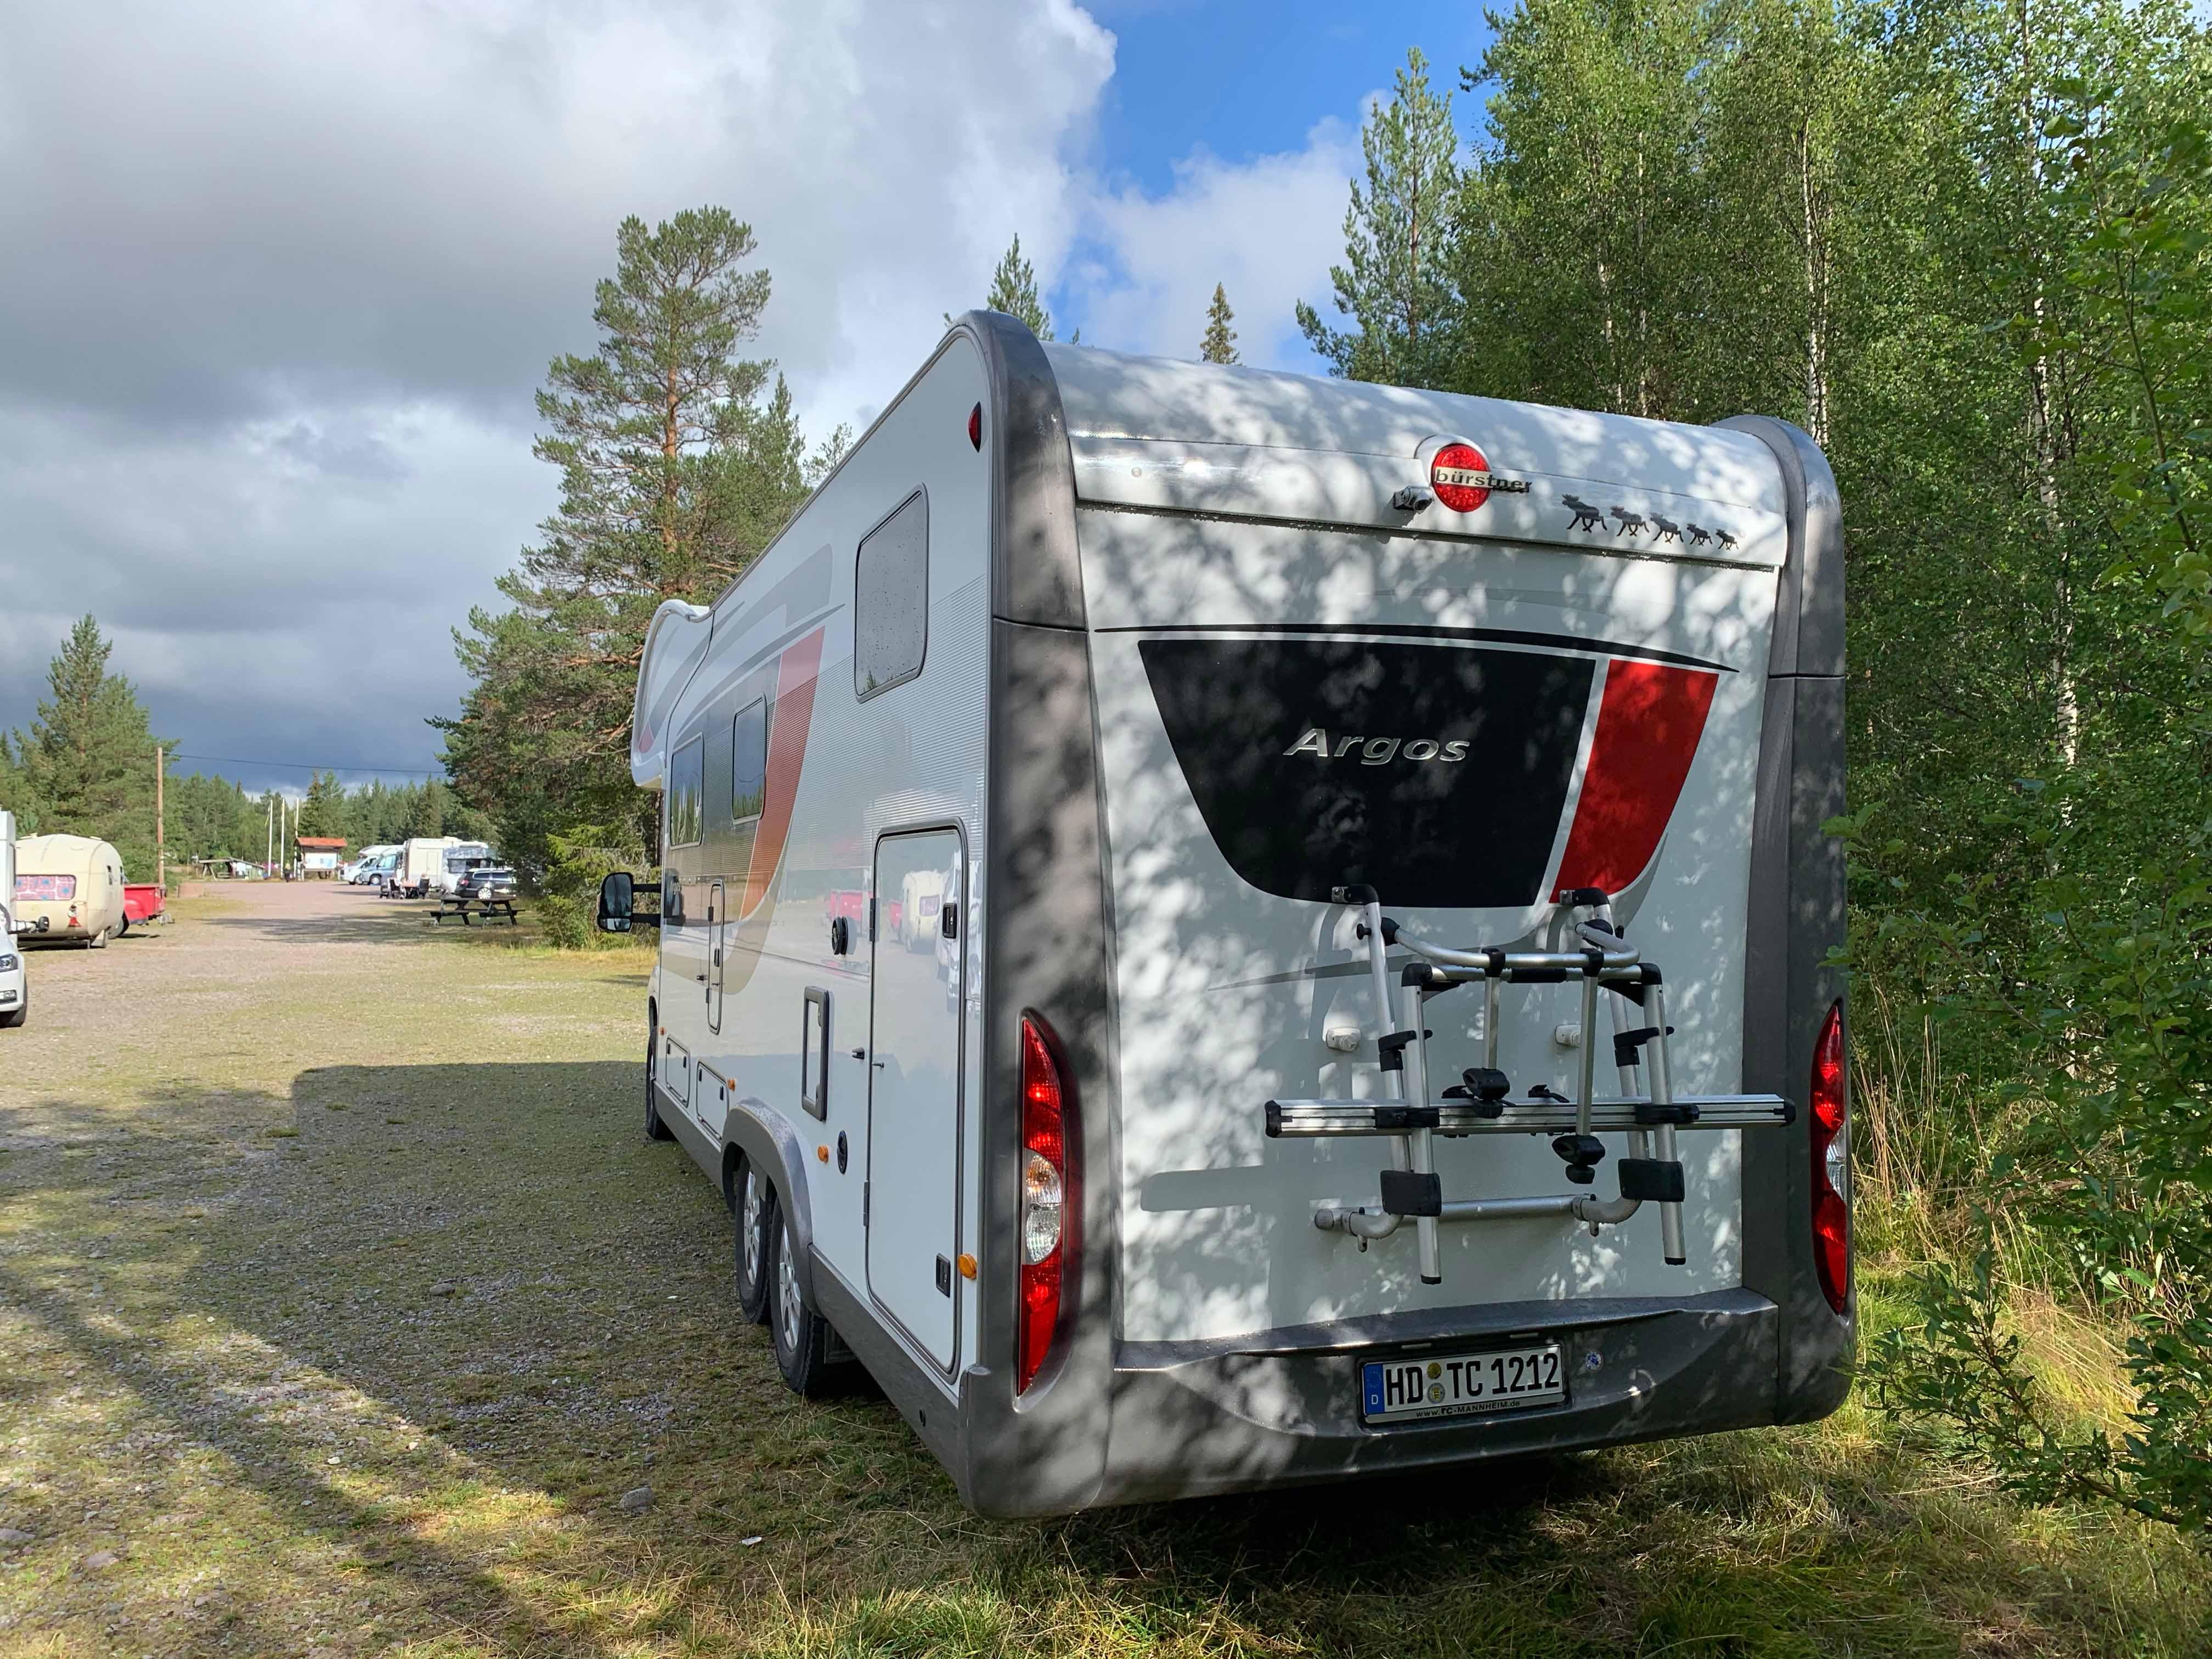 Mörkrets_Camping02